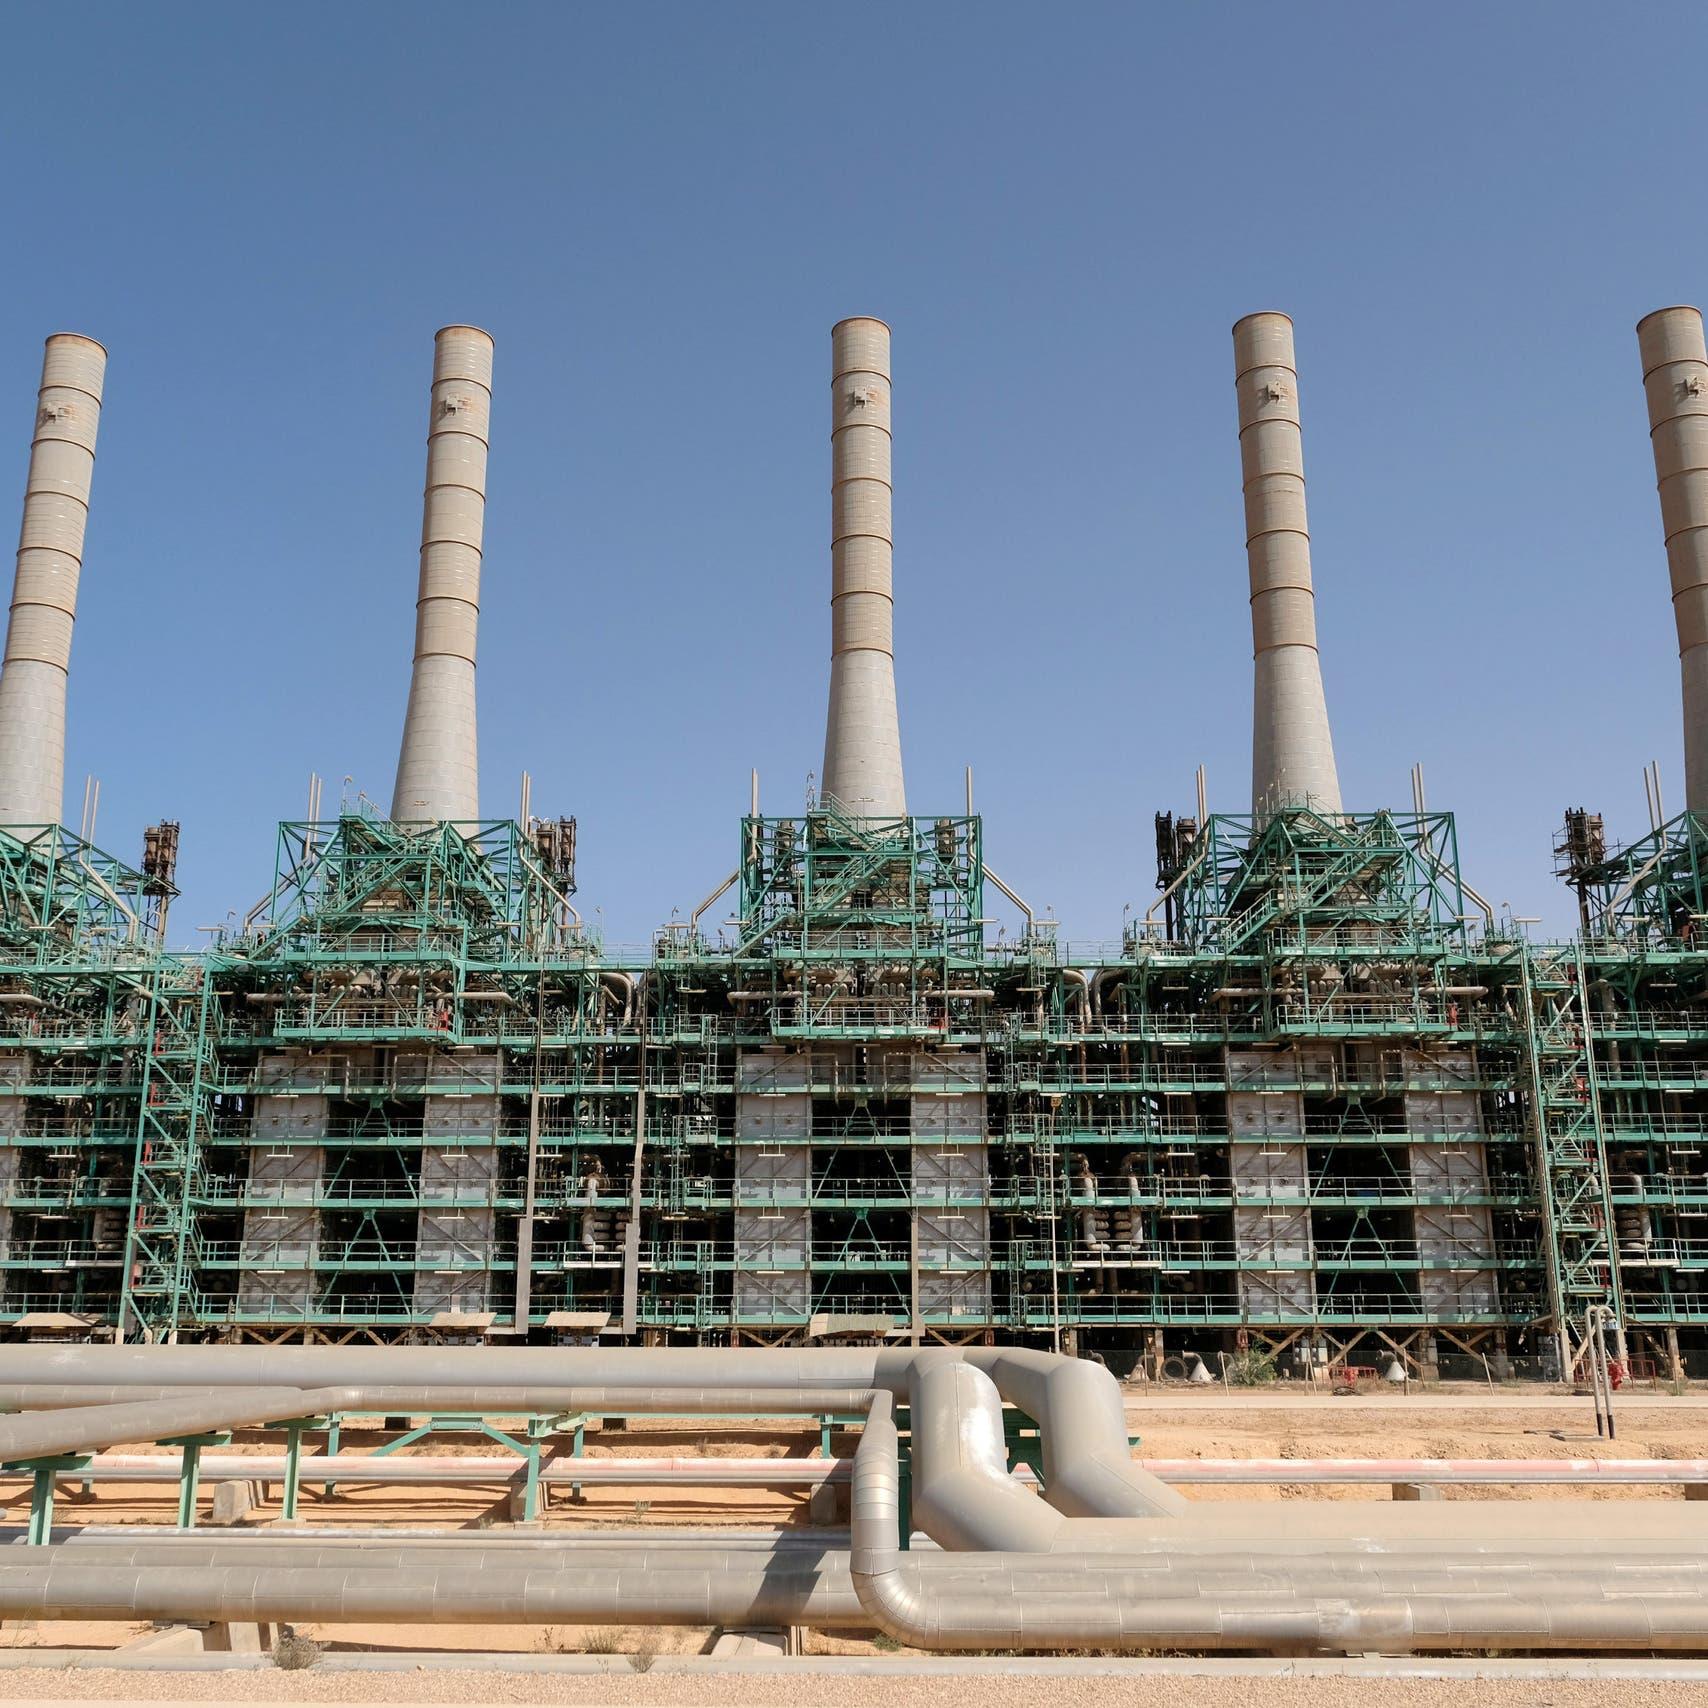 مؤسسة النفط الليبية: استئناف التحميل بميناءي السدرة وراس لانوف